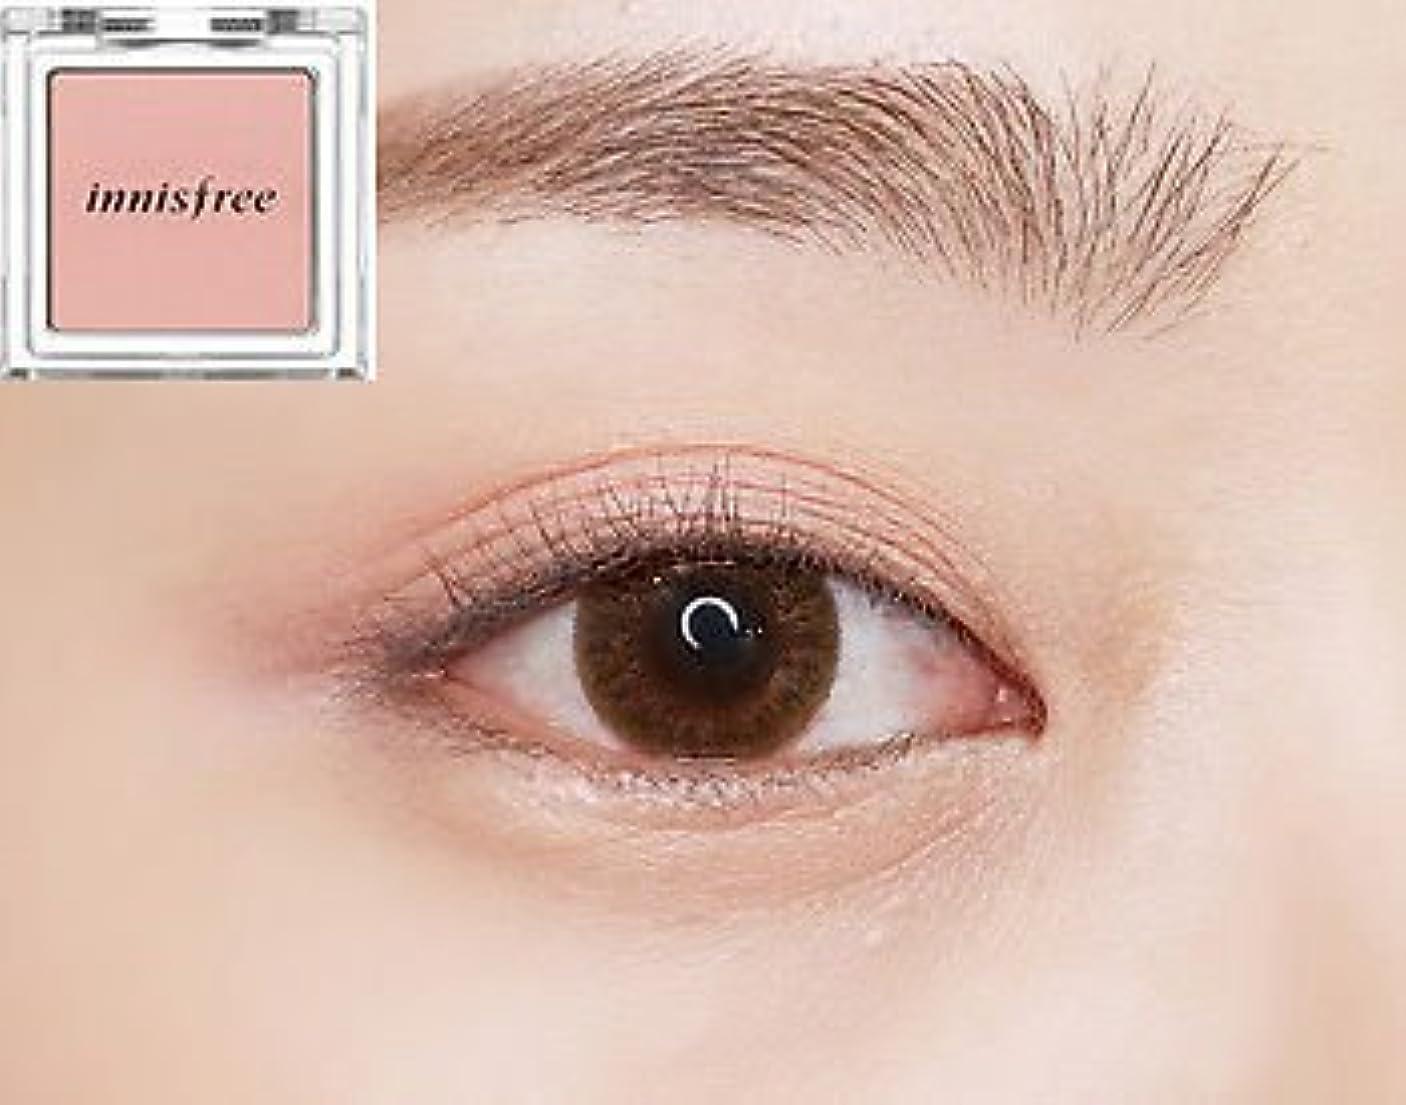 忘れっぽい記念碑的な視力[イニスフリー] innisfree [マイ パレット マイ アイシャドウ (シマ一) 39カラー] MY PALETTE My Eyeshadow (Shimmer) 39 Shades [海外直送品] (シマ一 #03)